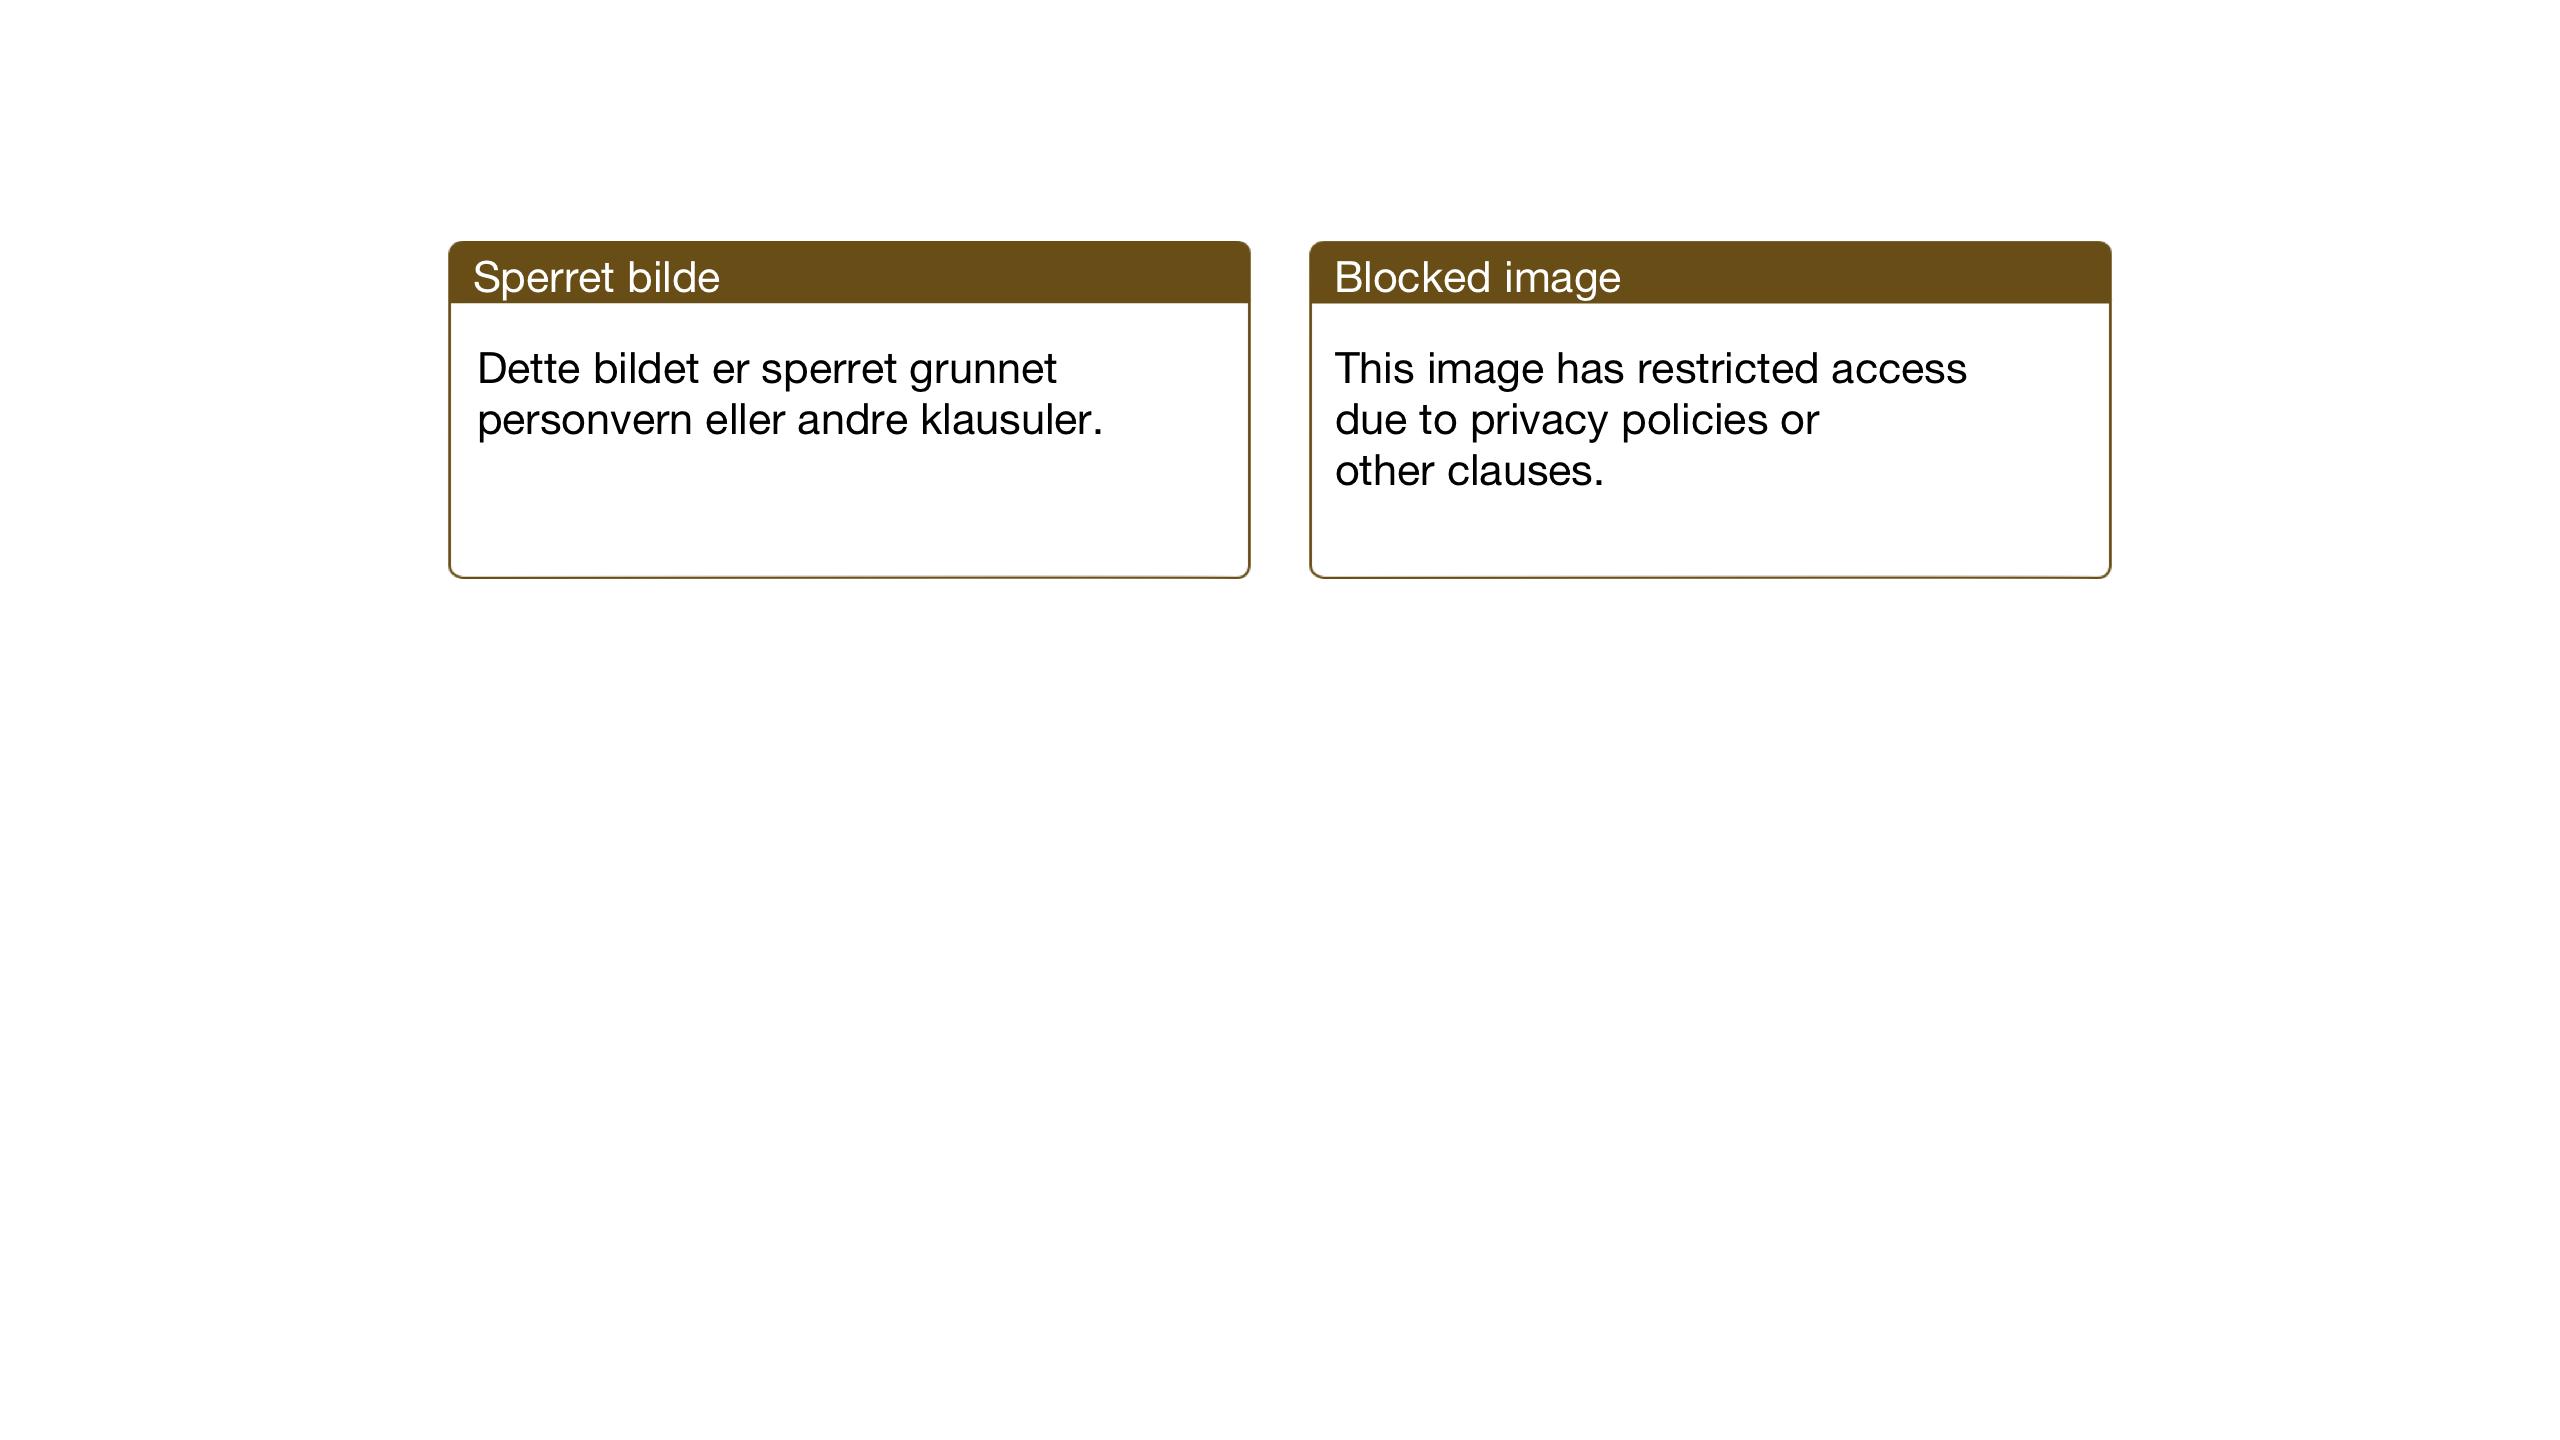 SAT, Ministerialprotokoller, klokkerbøker og fødselsregistre - Sør-Trøndelag, 655/L0690: Klokkerbok nr. 655C06, 1937-1950, s. 27